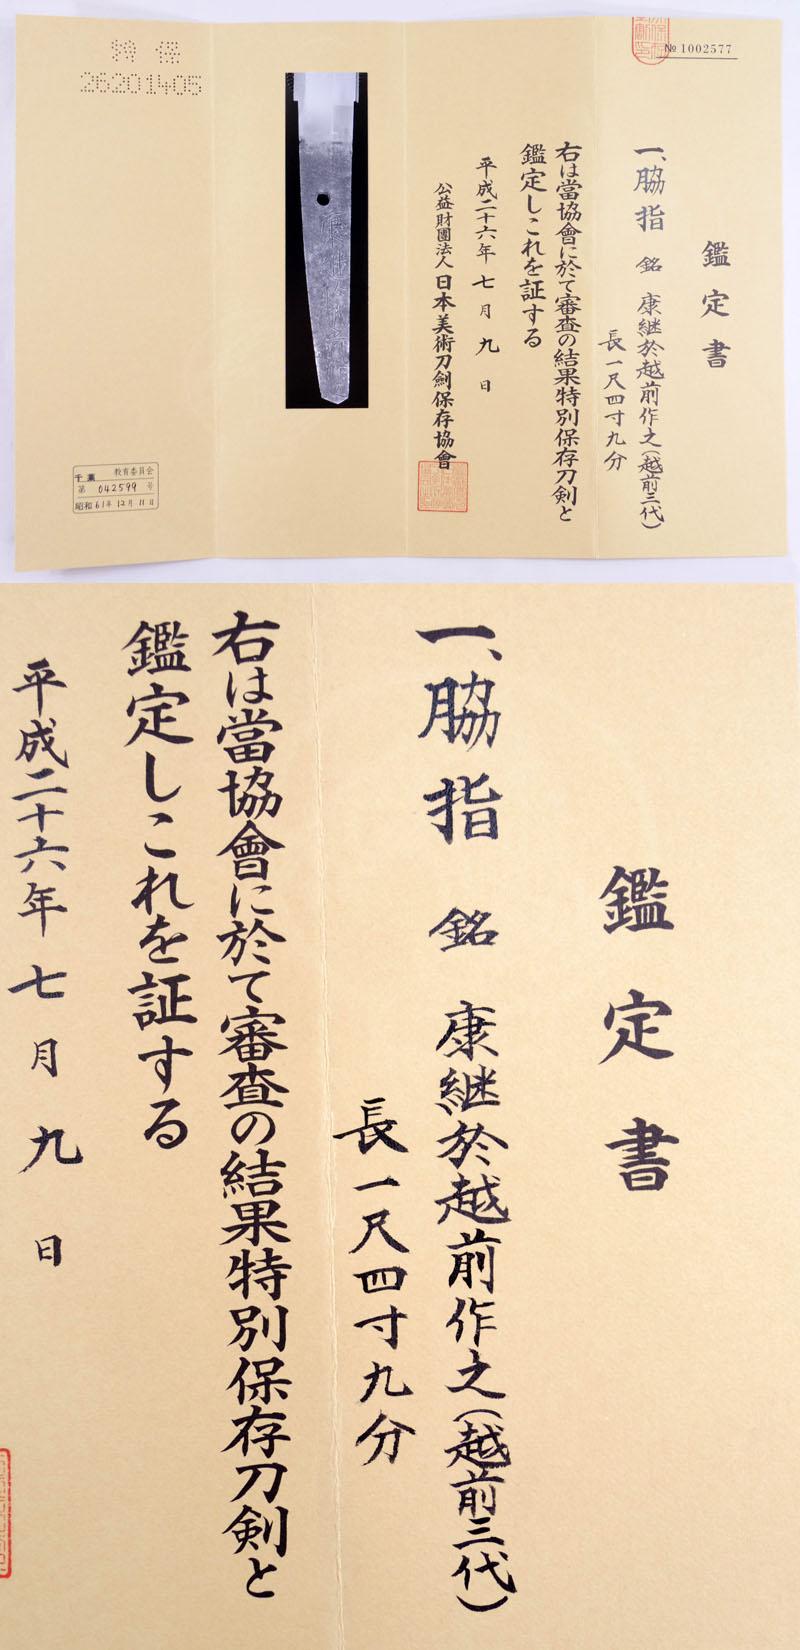 康継於越前作之(越前3代) Picture of Certificate